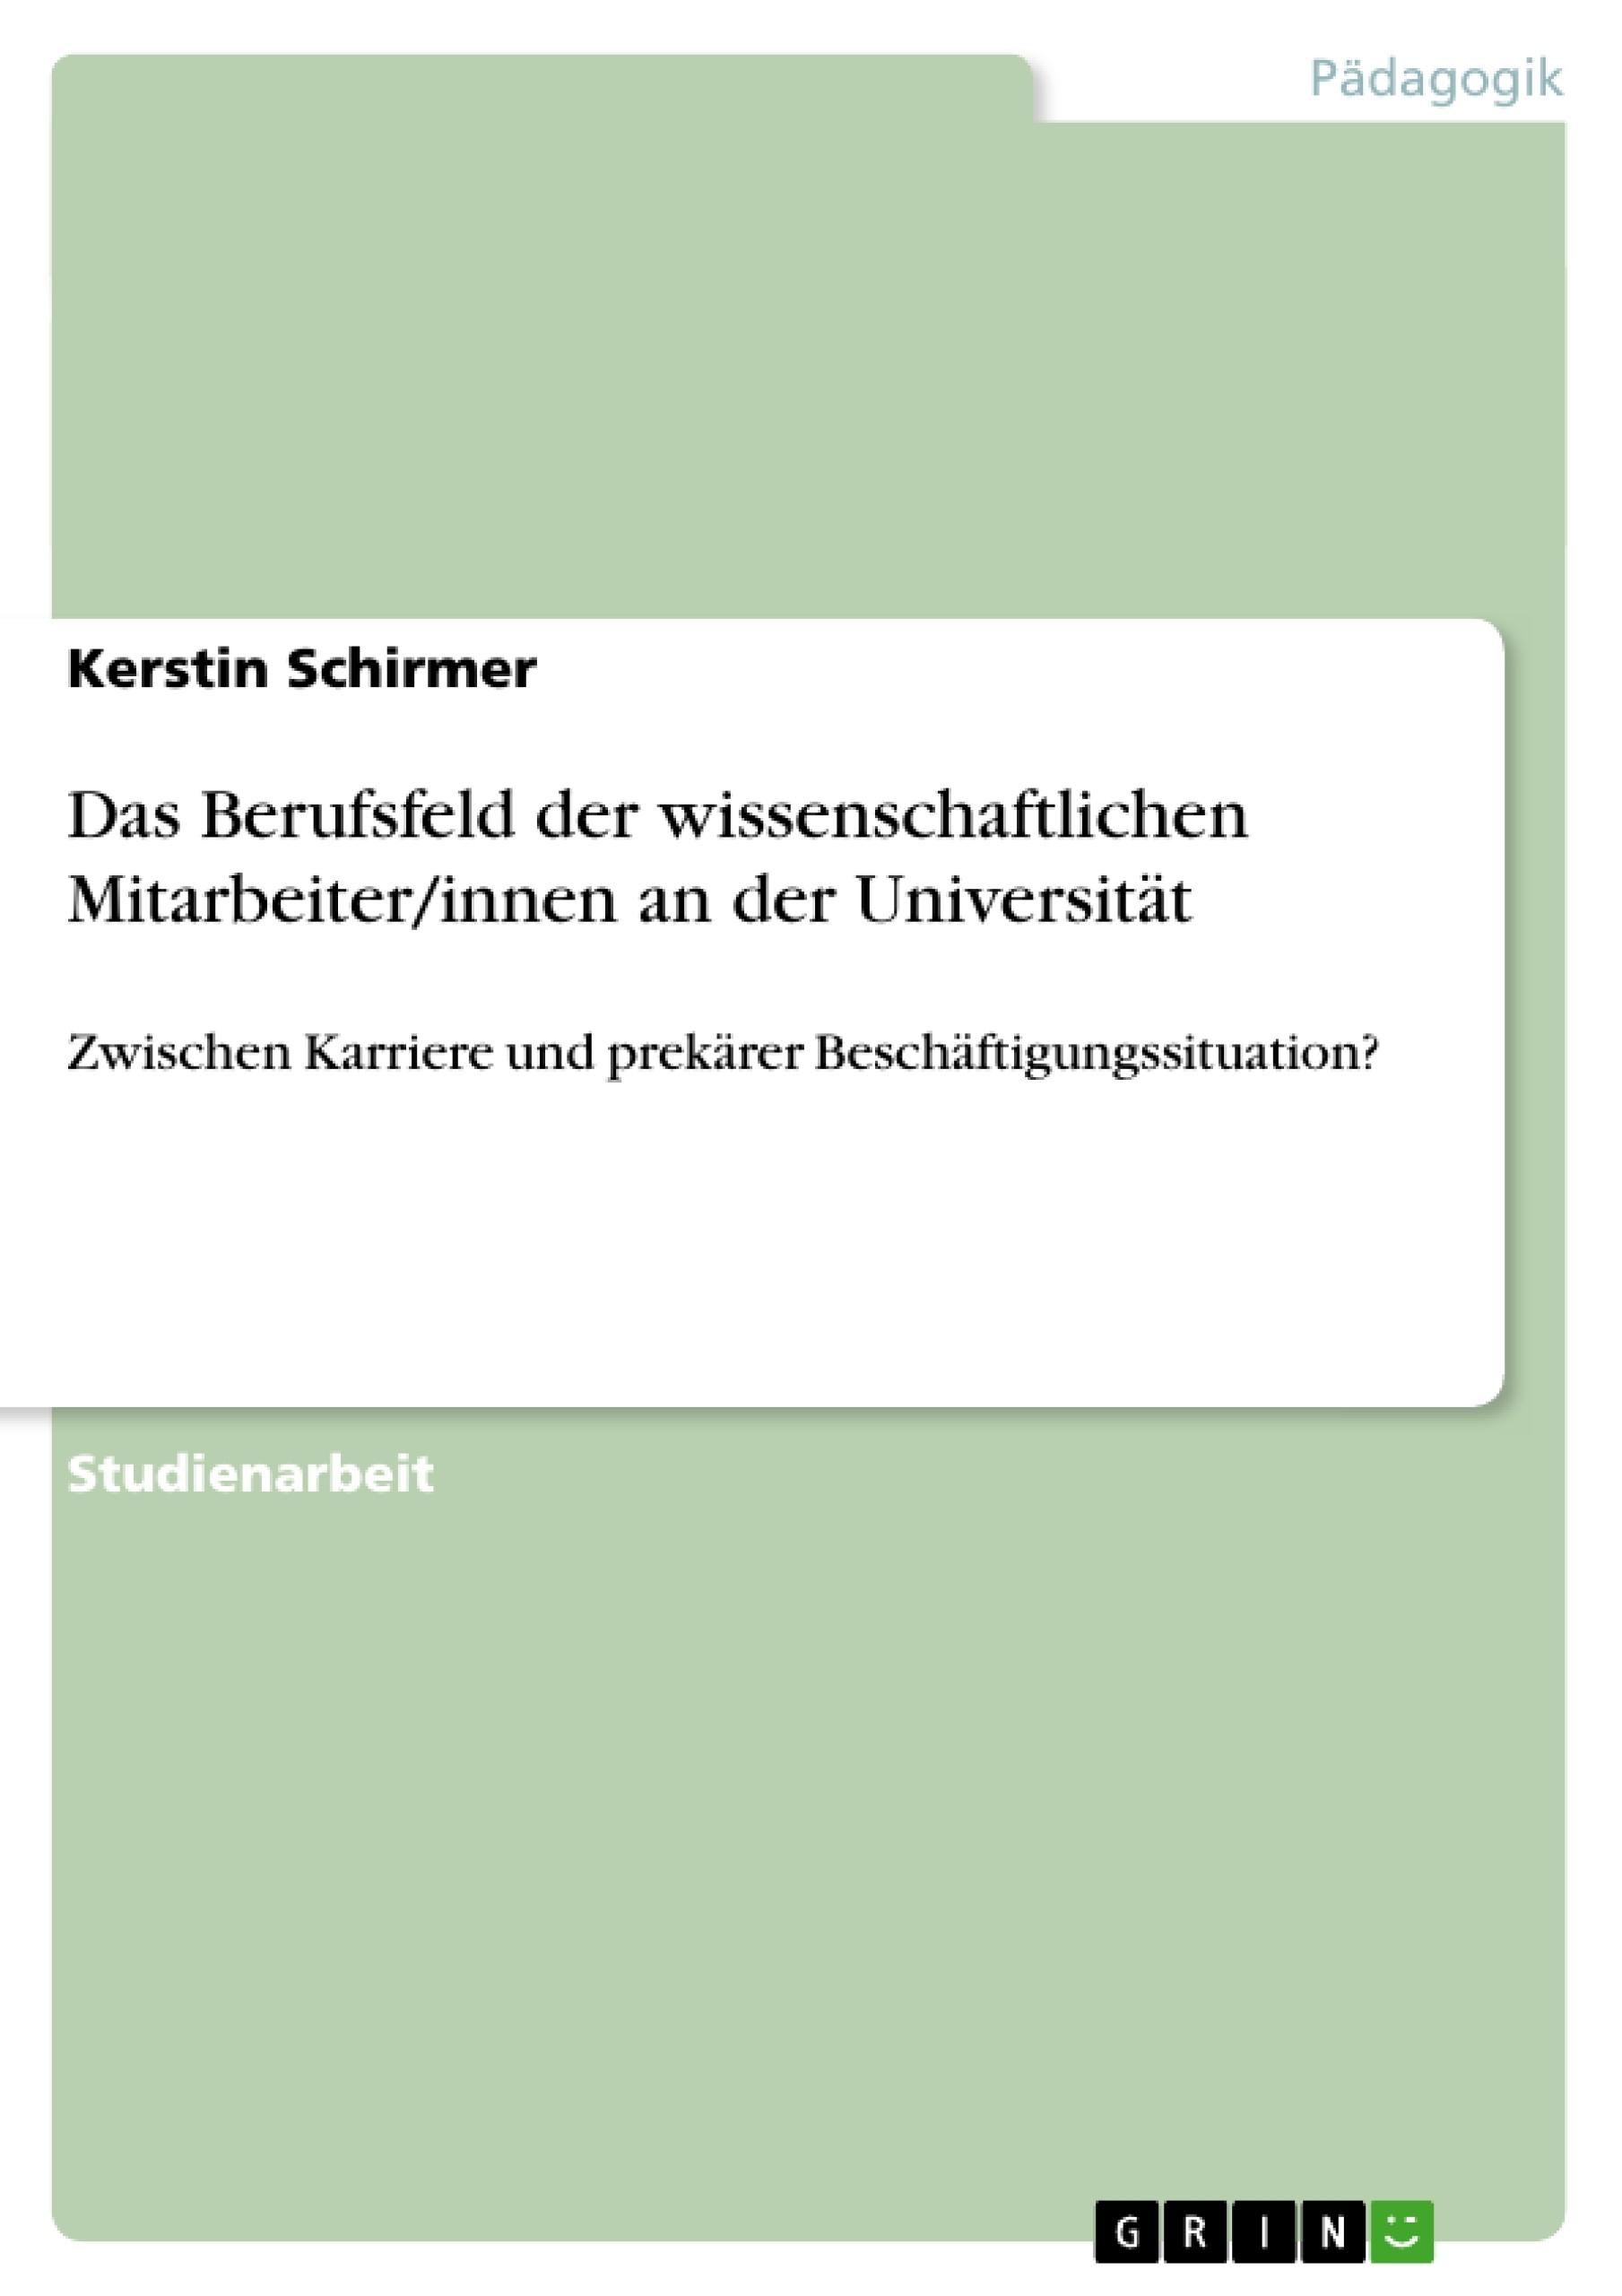 Titel: Das Berufsfeld der wissenschaftlichen Mitarbeiter/innen an  der Universität